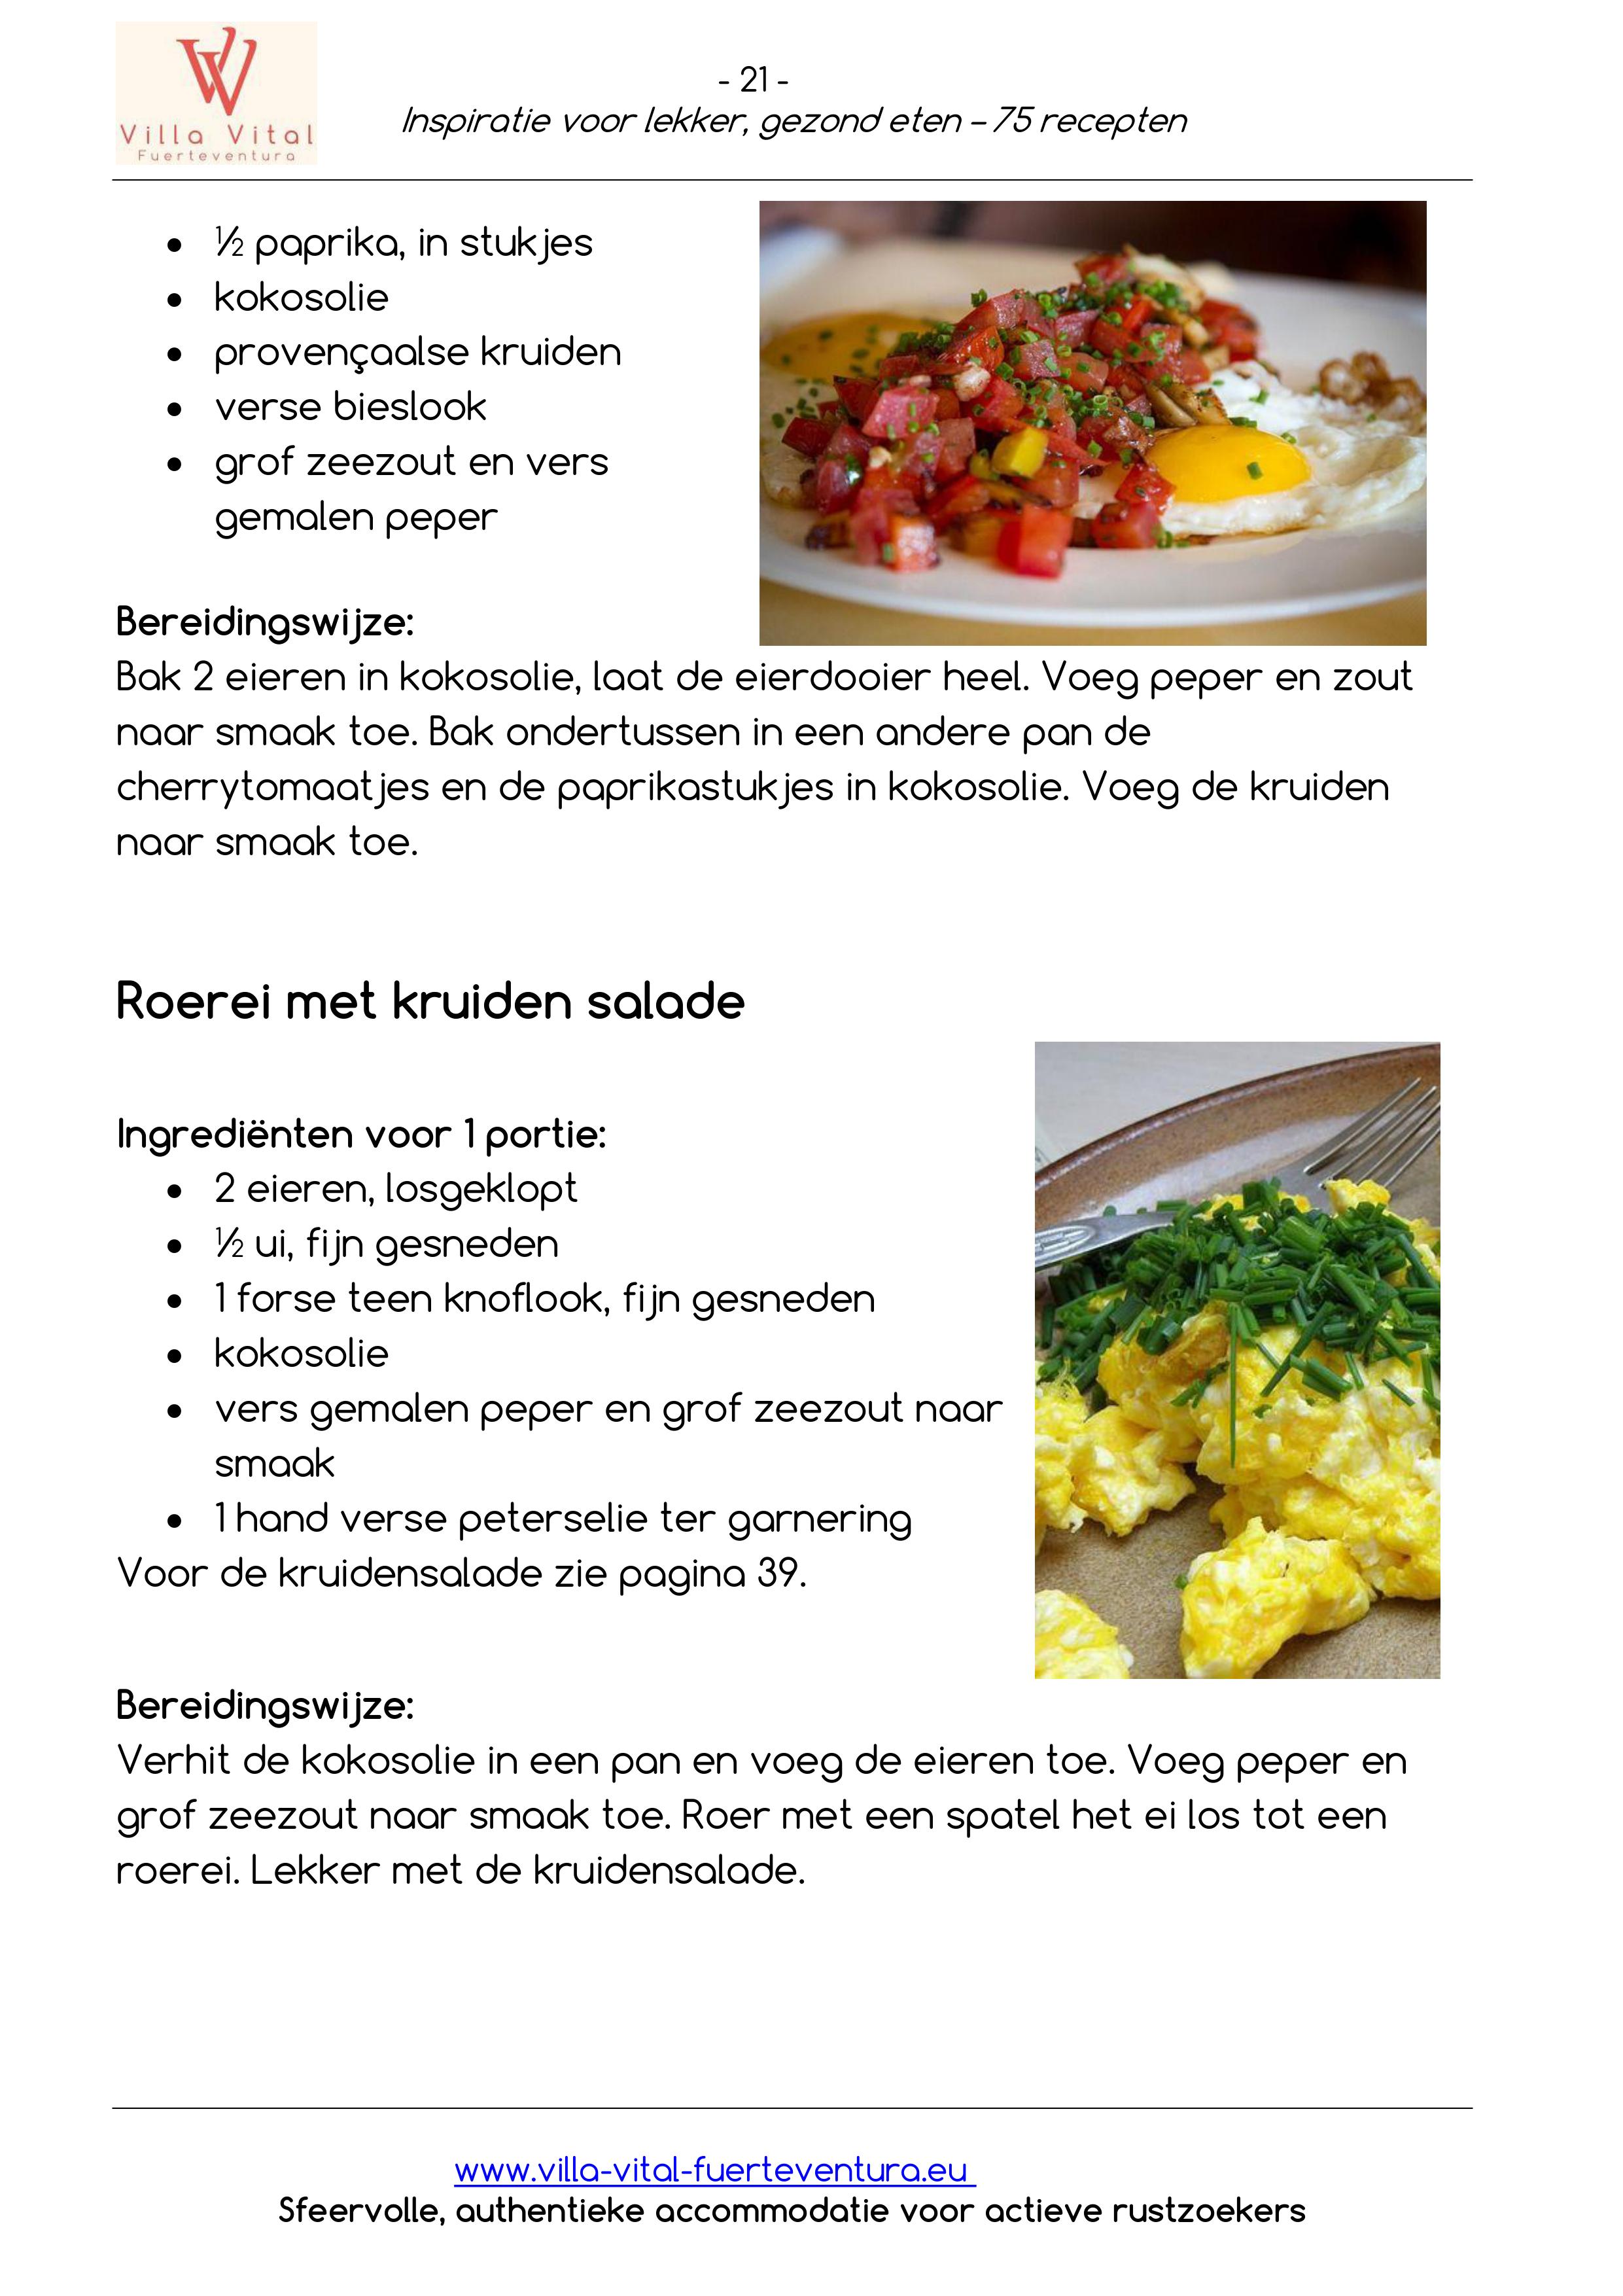 Recepten E book inspiratie voor lekker gezond eten 21